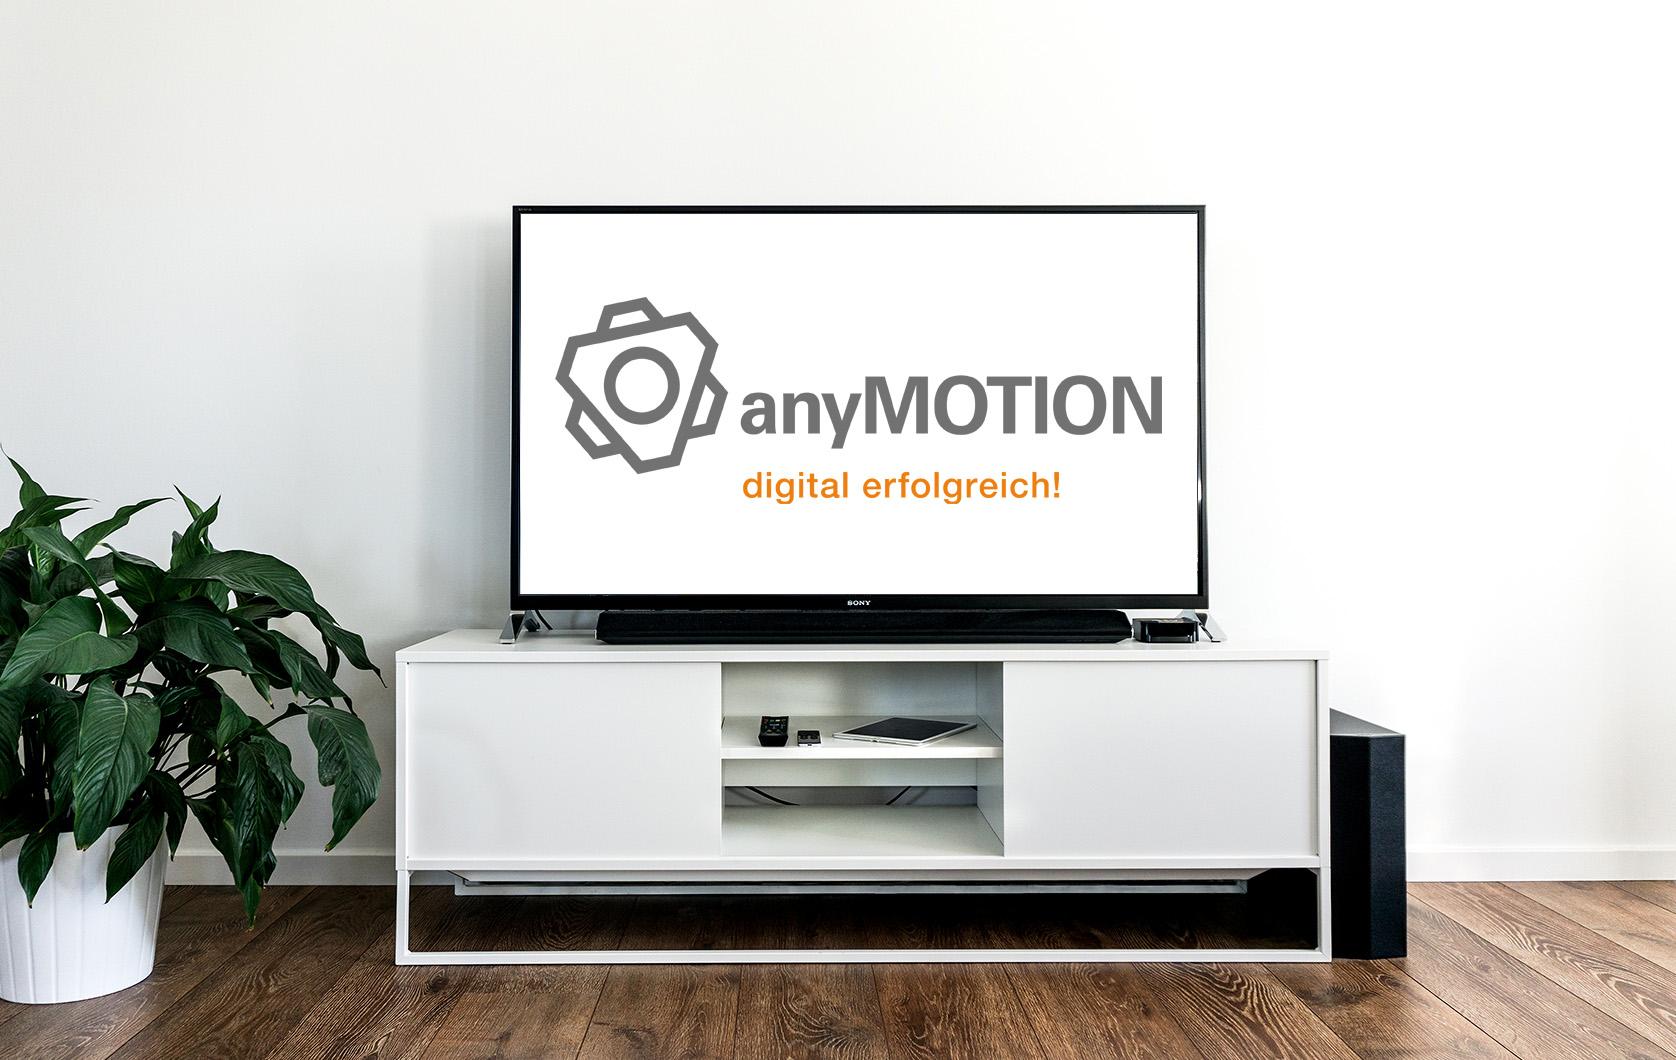 anyMOTION Gast bei center.tv Unternehmerschaft Düsseldorf Digitalisierung Digitale Transformation